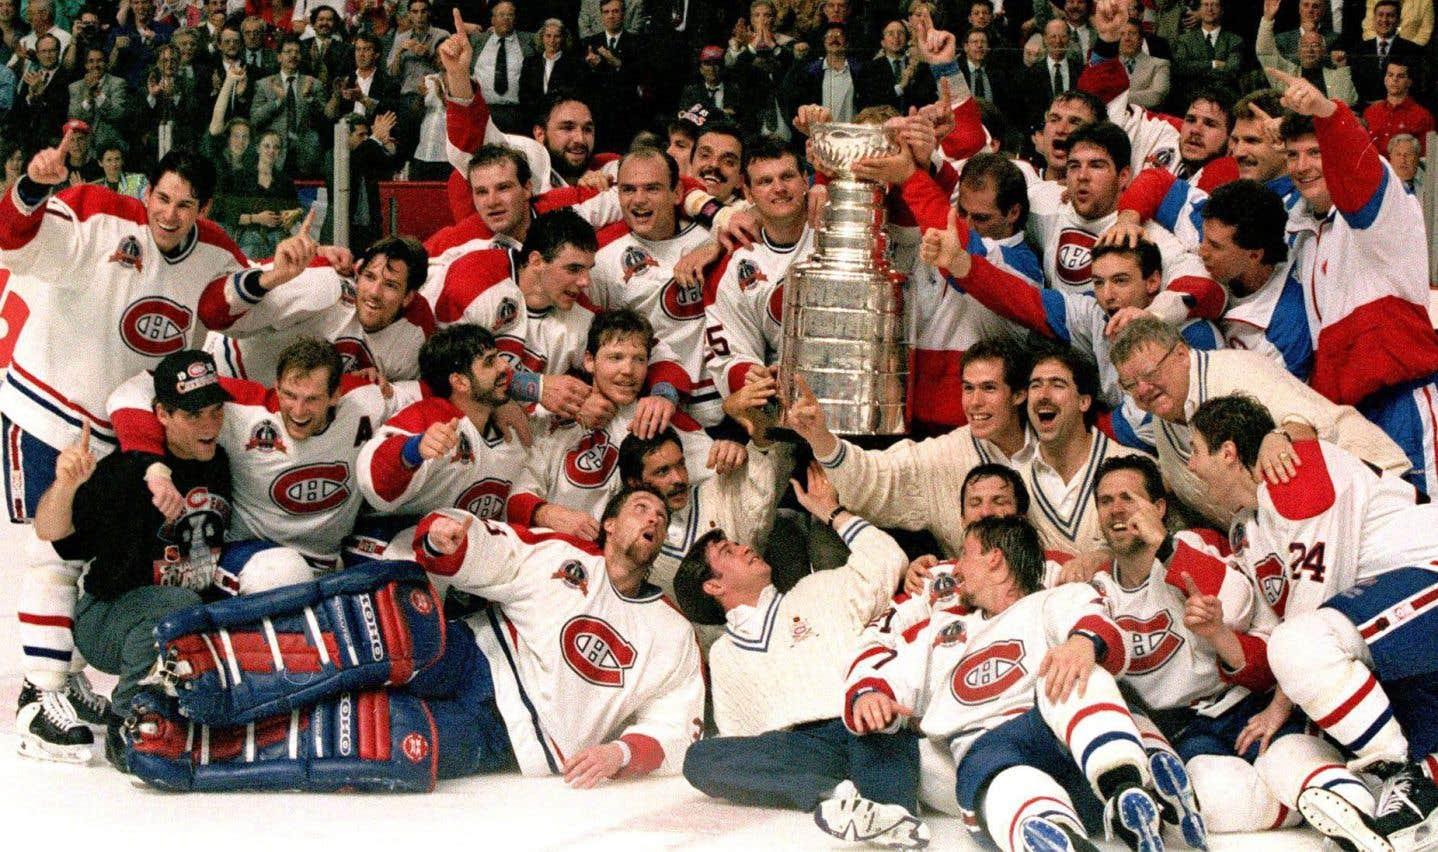 De la bière et du hockey: la perpétuelle quête du Saint-Graal